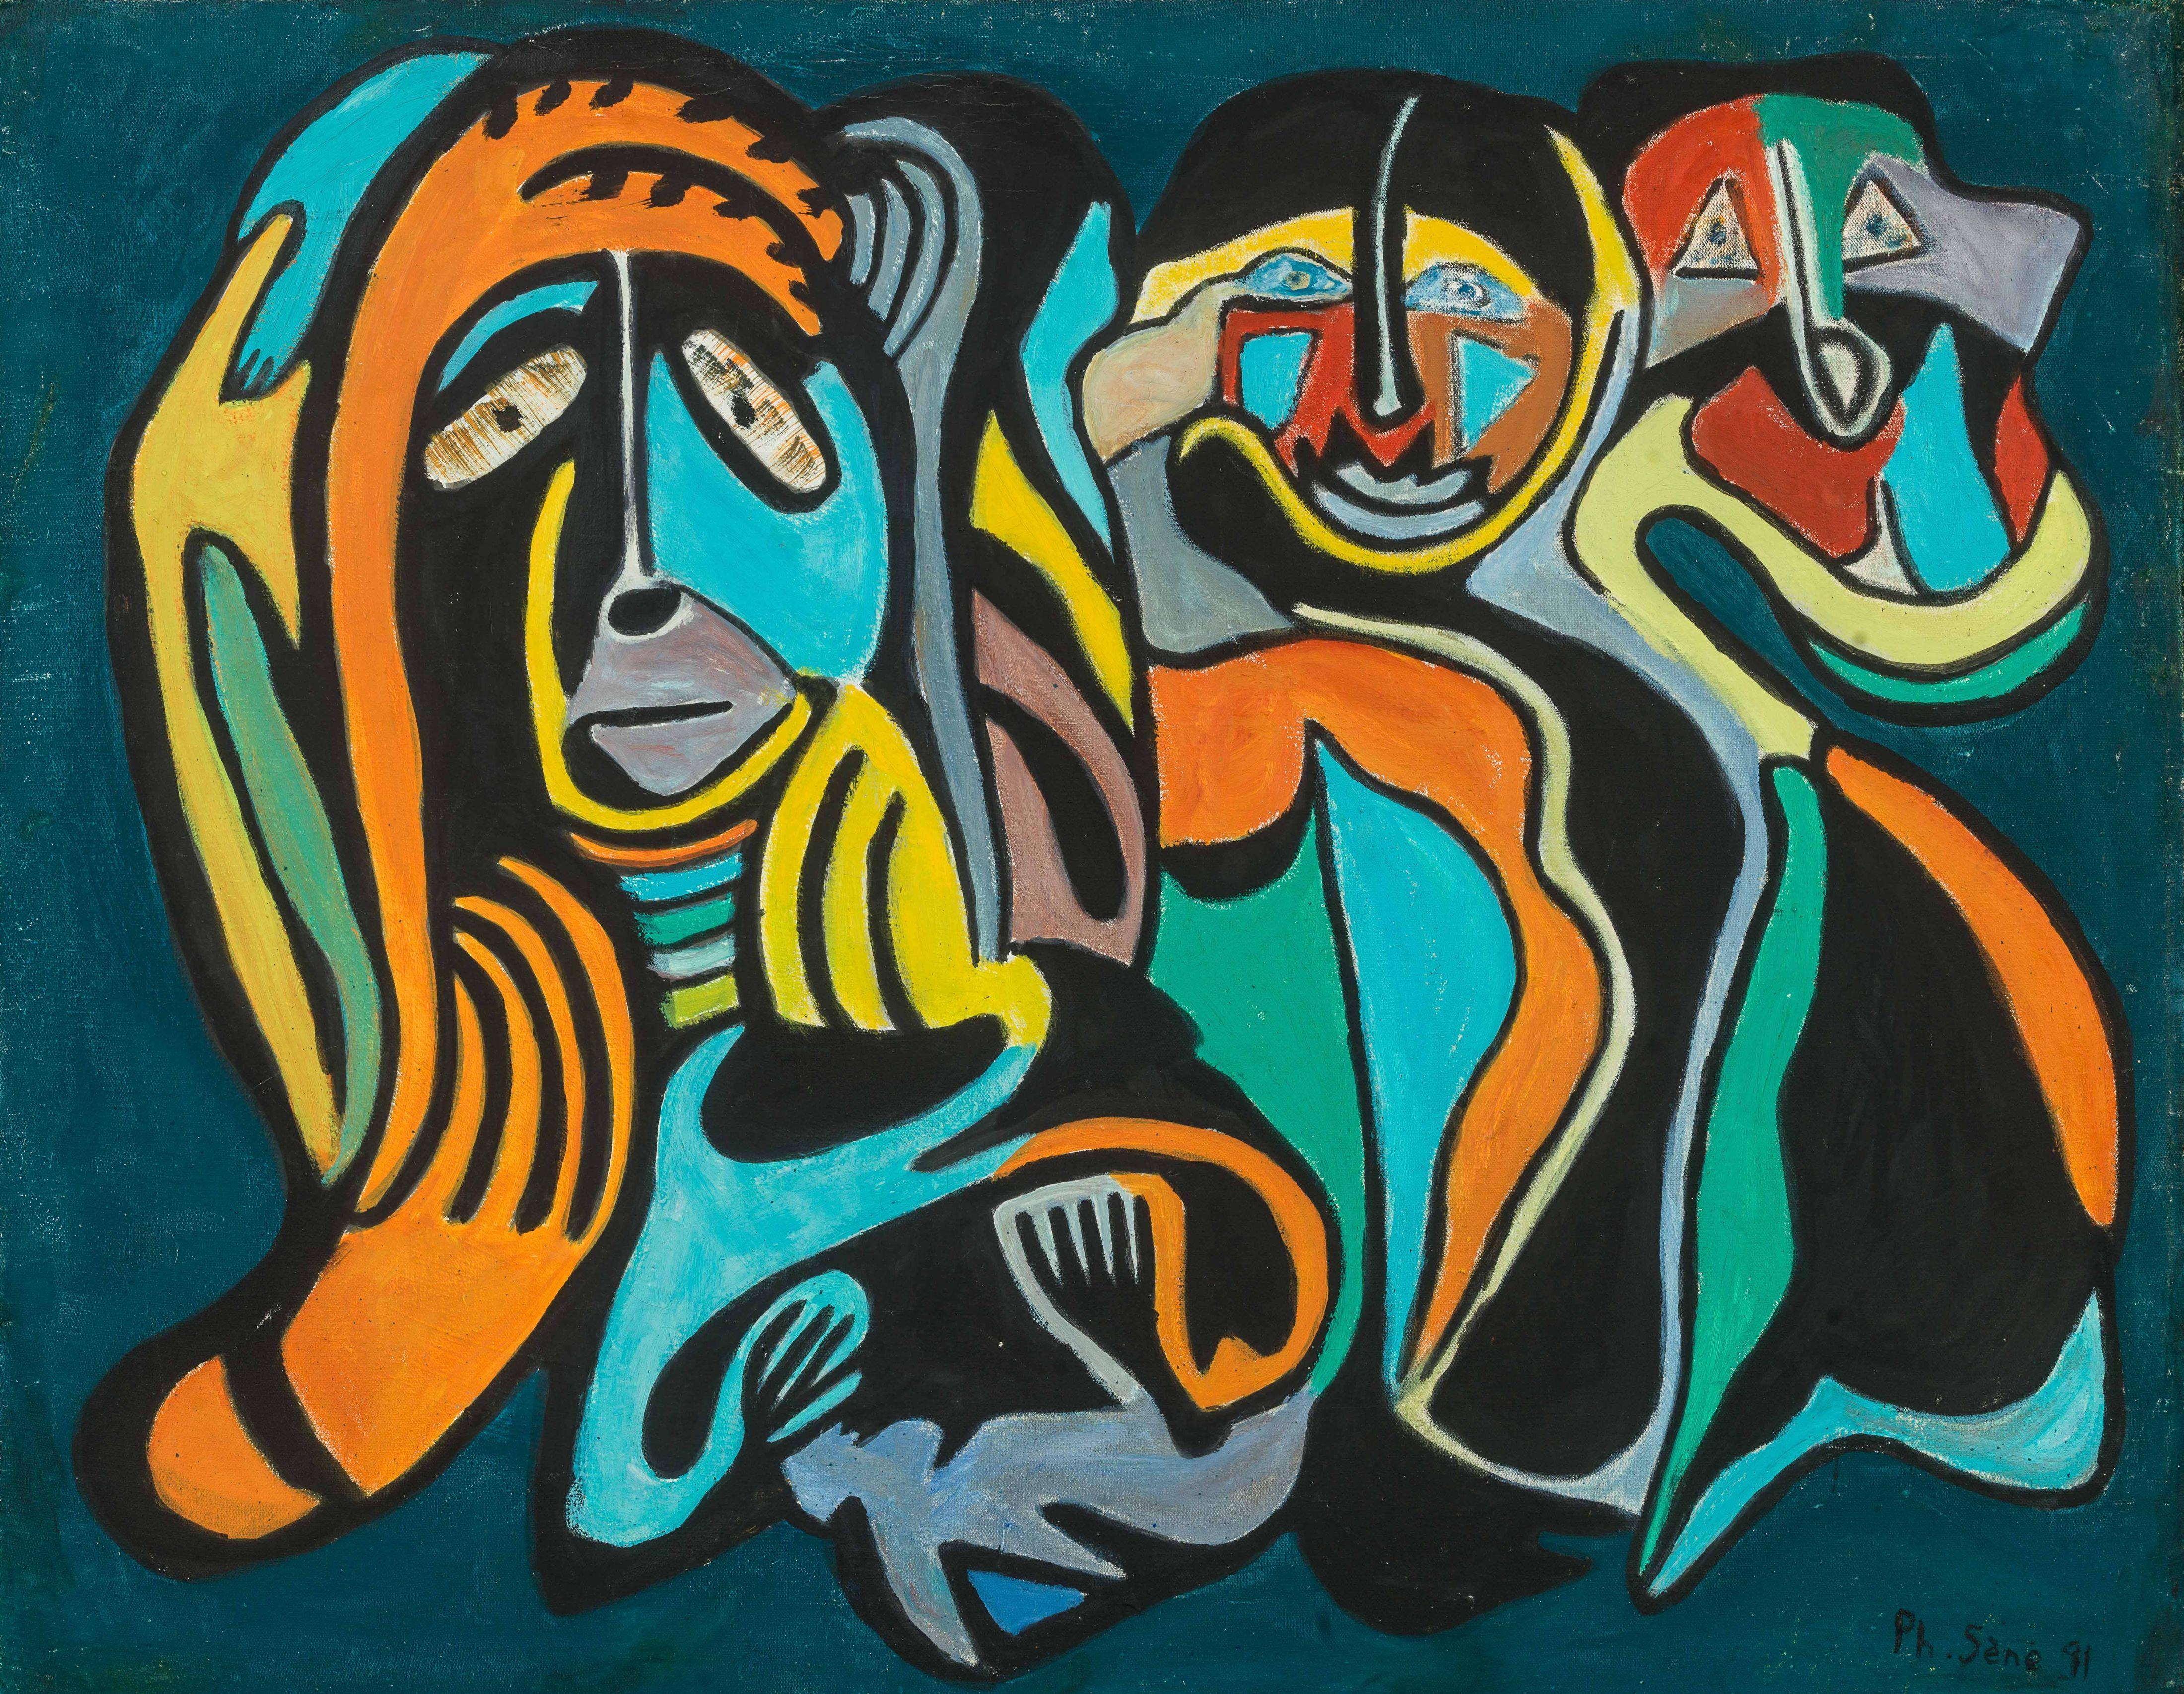 Philippe SÈNE né en 1945 - Sénégal Les 3 gardiens, 1991 Huile sur toile